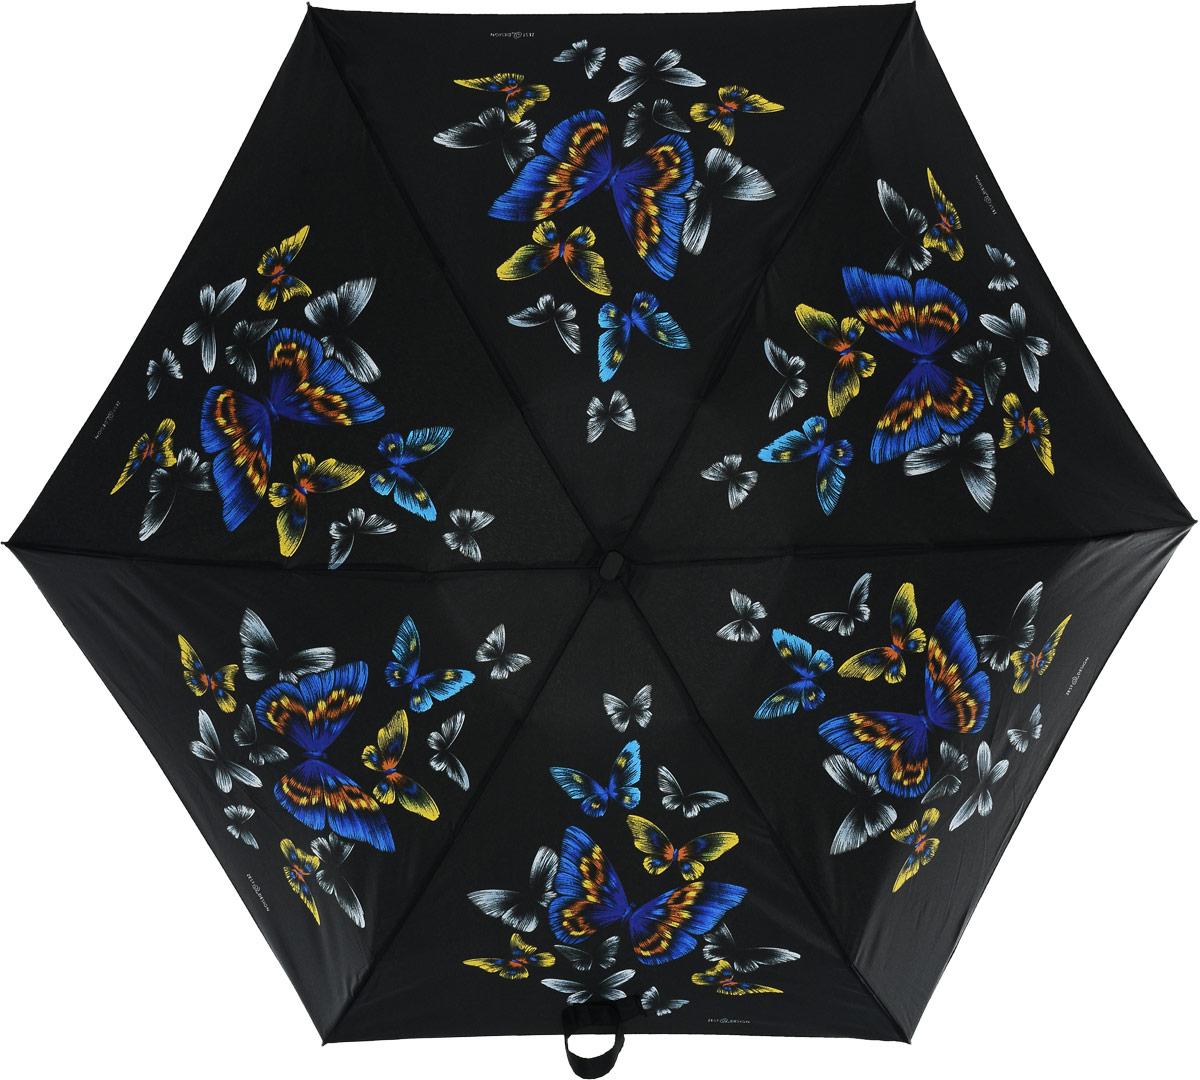 Зонт женский Zest, механический, 5 сложений, цвет: черный, синий, желтый. белый. 25516-15525516-155Невероятно компактный и легкий зонт Zest имеет 5 сложений. Модель зонта складывается и раскладывается механически. Удобная ручка выполнена из пластика с прорезиненным нанесением, приятна на ощупь. В сложенном состоянии зонт занимает очень мало места, и его удобно будет носить с собой даже в маленькой сумочке. К зонту прилагается чехол.